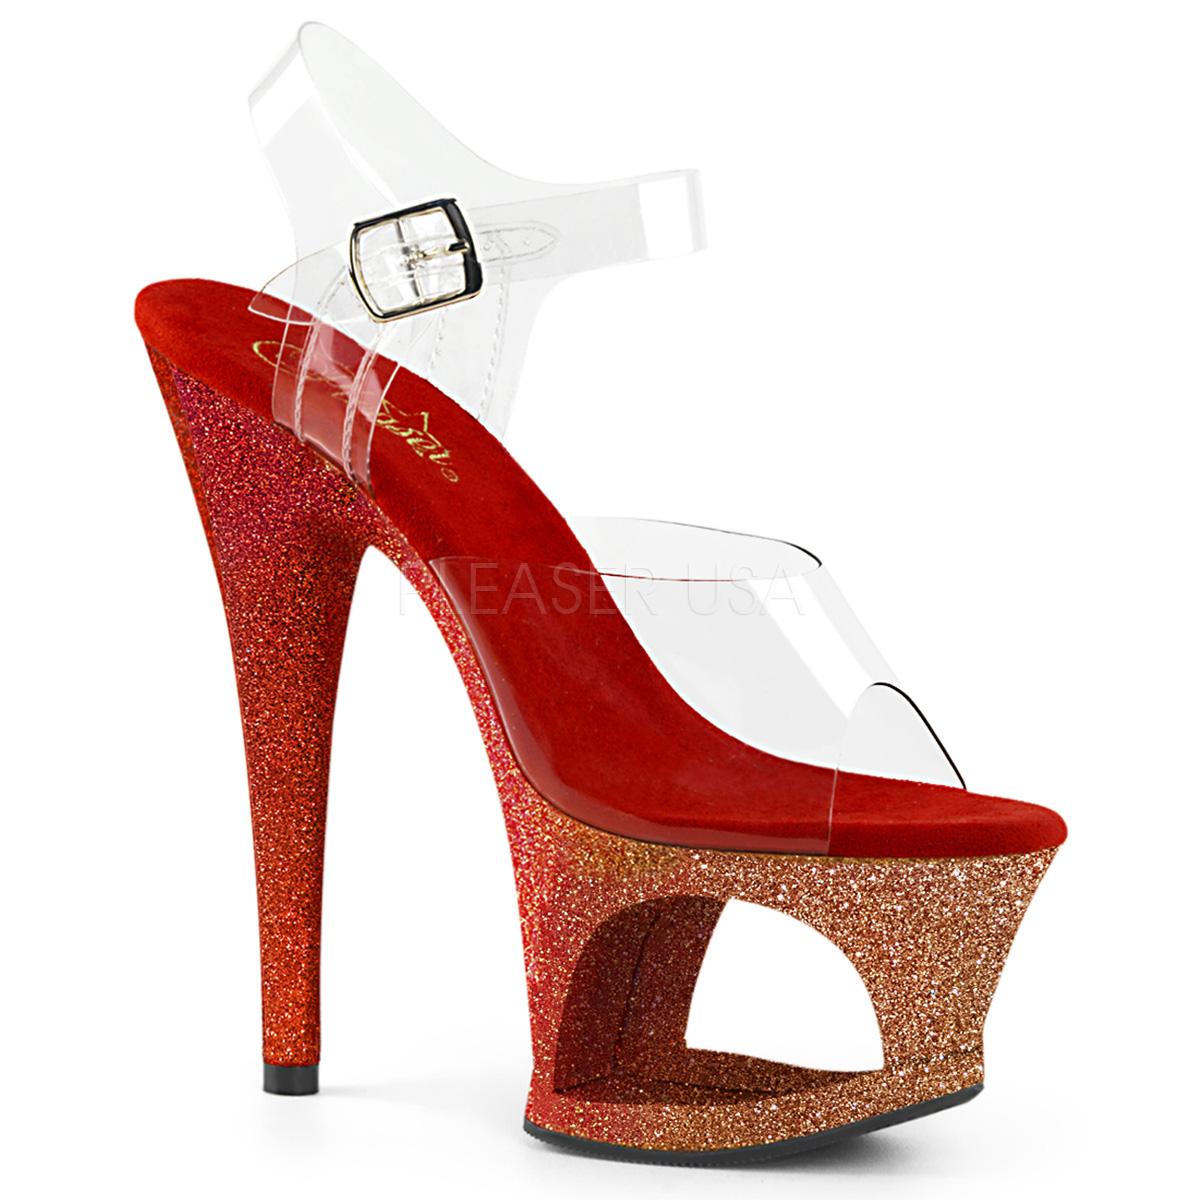 Rot glitter 18 cm Pleaser MOON 708OMBRE pole dance high heels schuhe